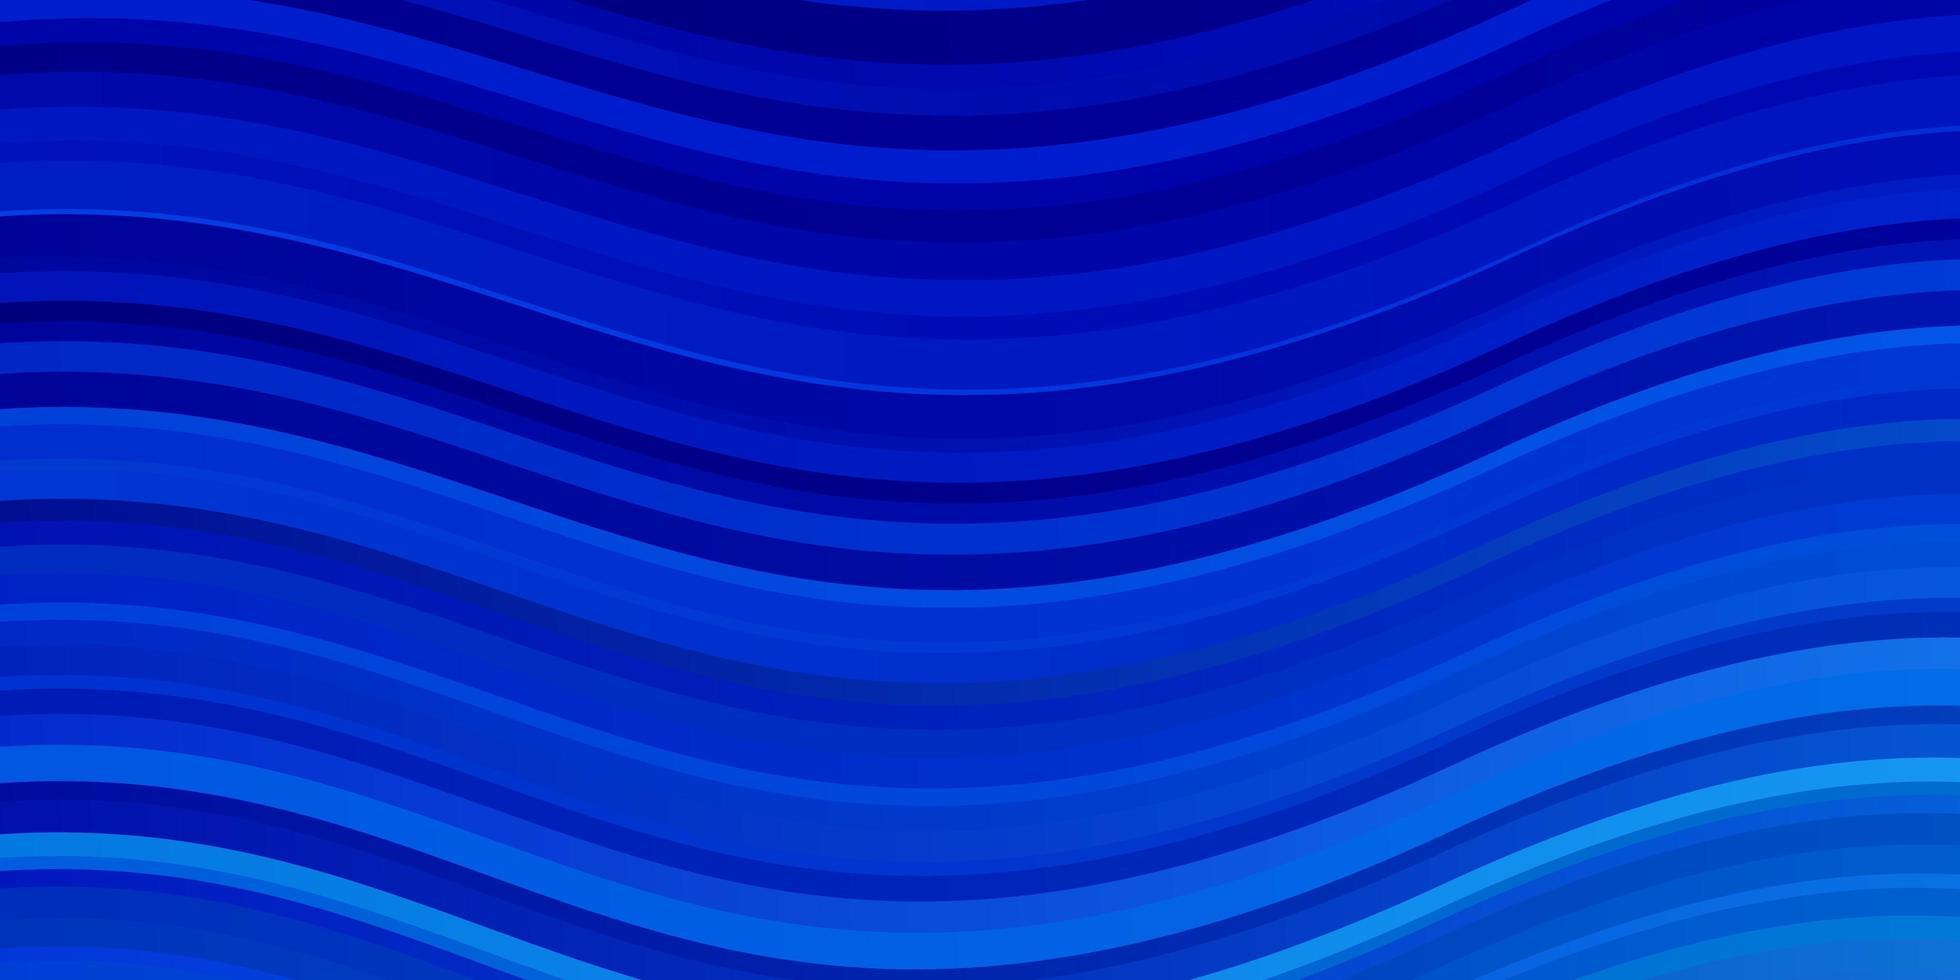 modèle vectoriel bleu clair avec des lignes courbes.